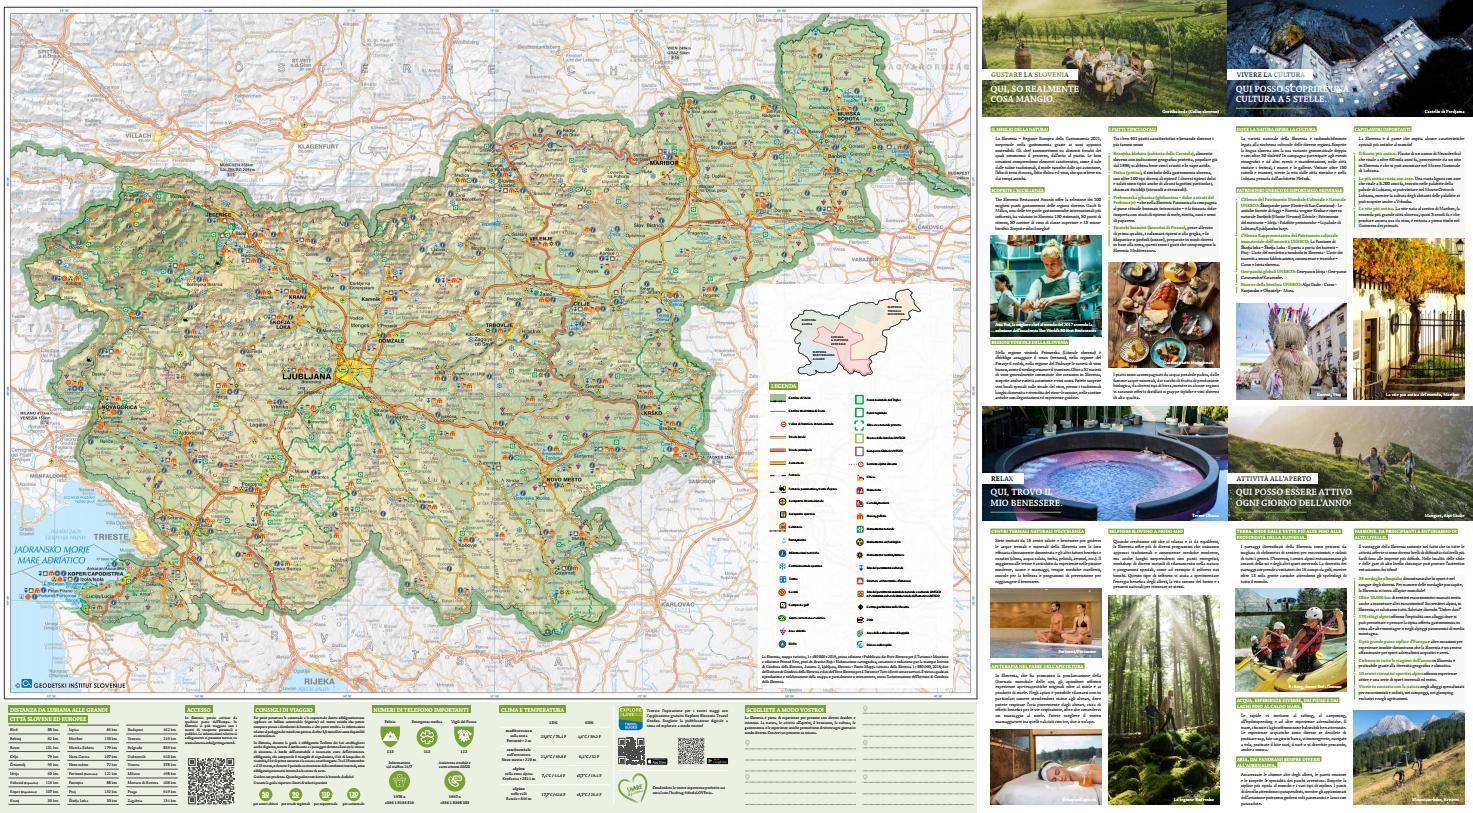 Portorose Slovenia Cartina Geografica.Mappa Turistica Della Slovenia By Slovenian Tourist Board Issuu